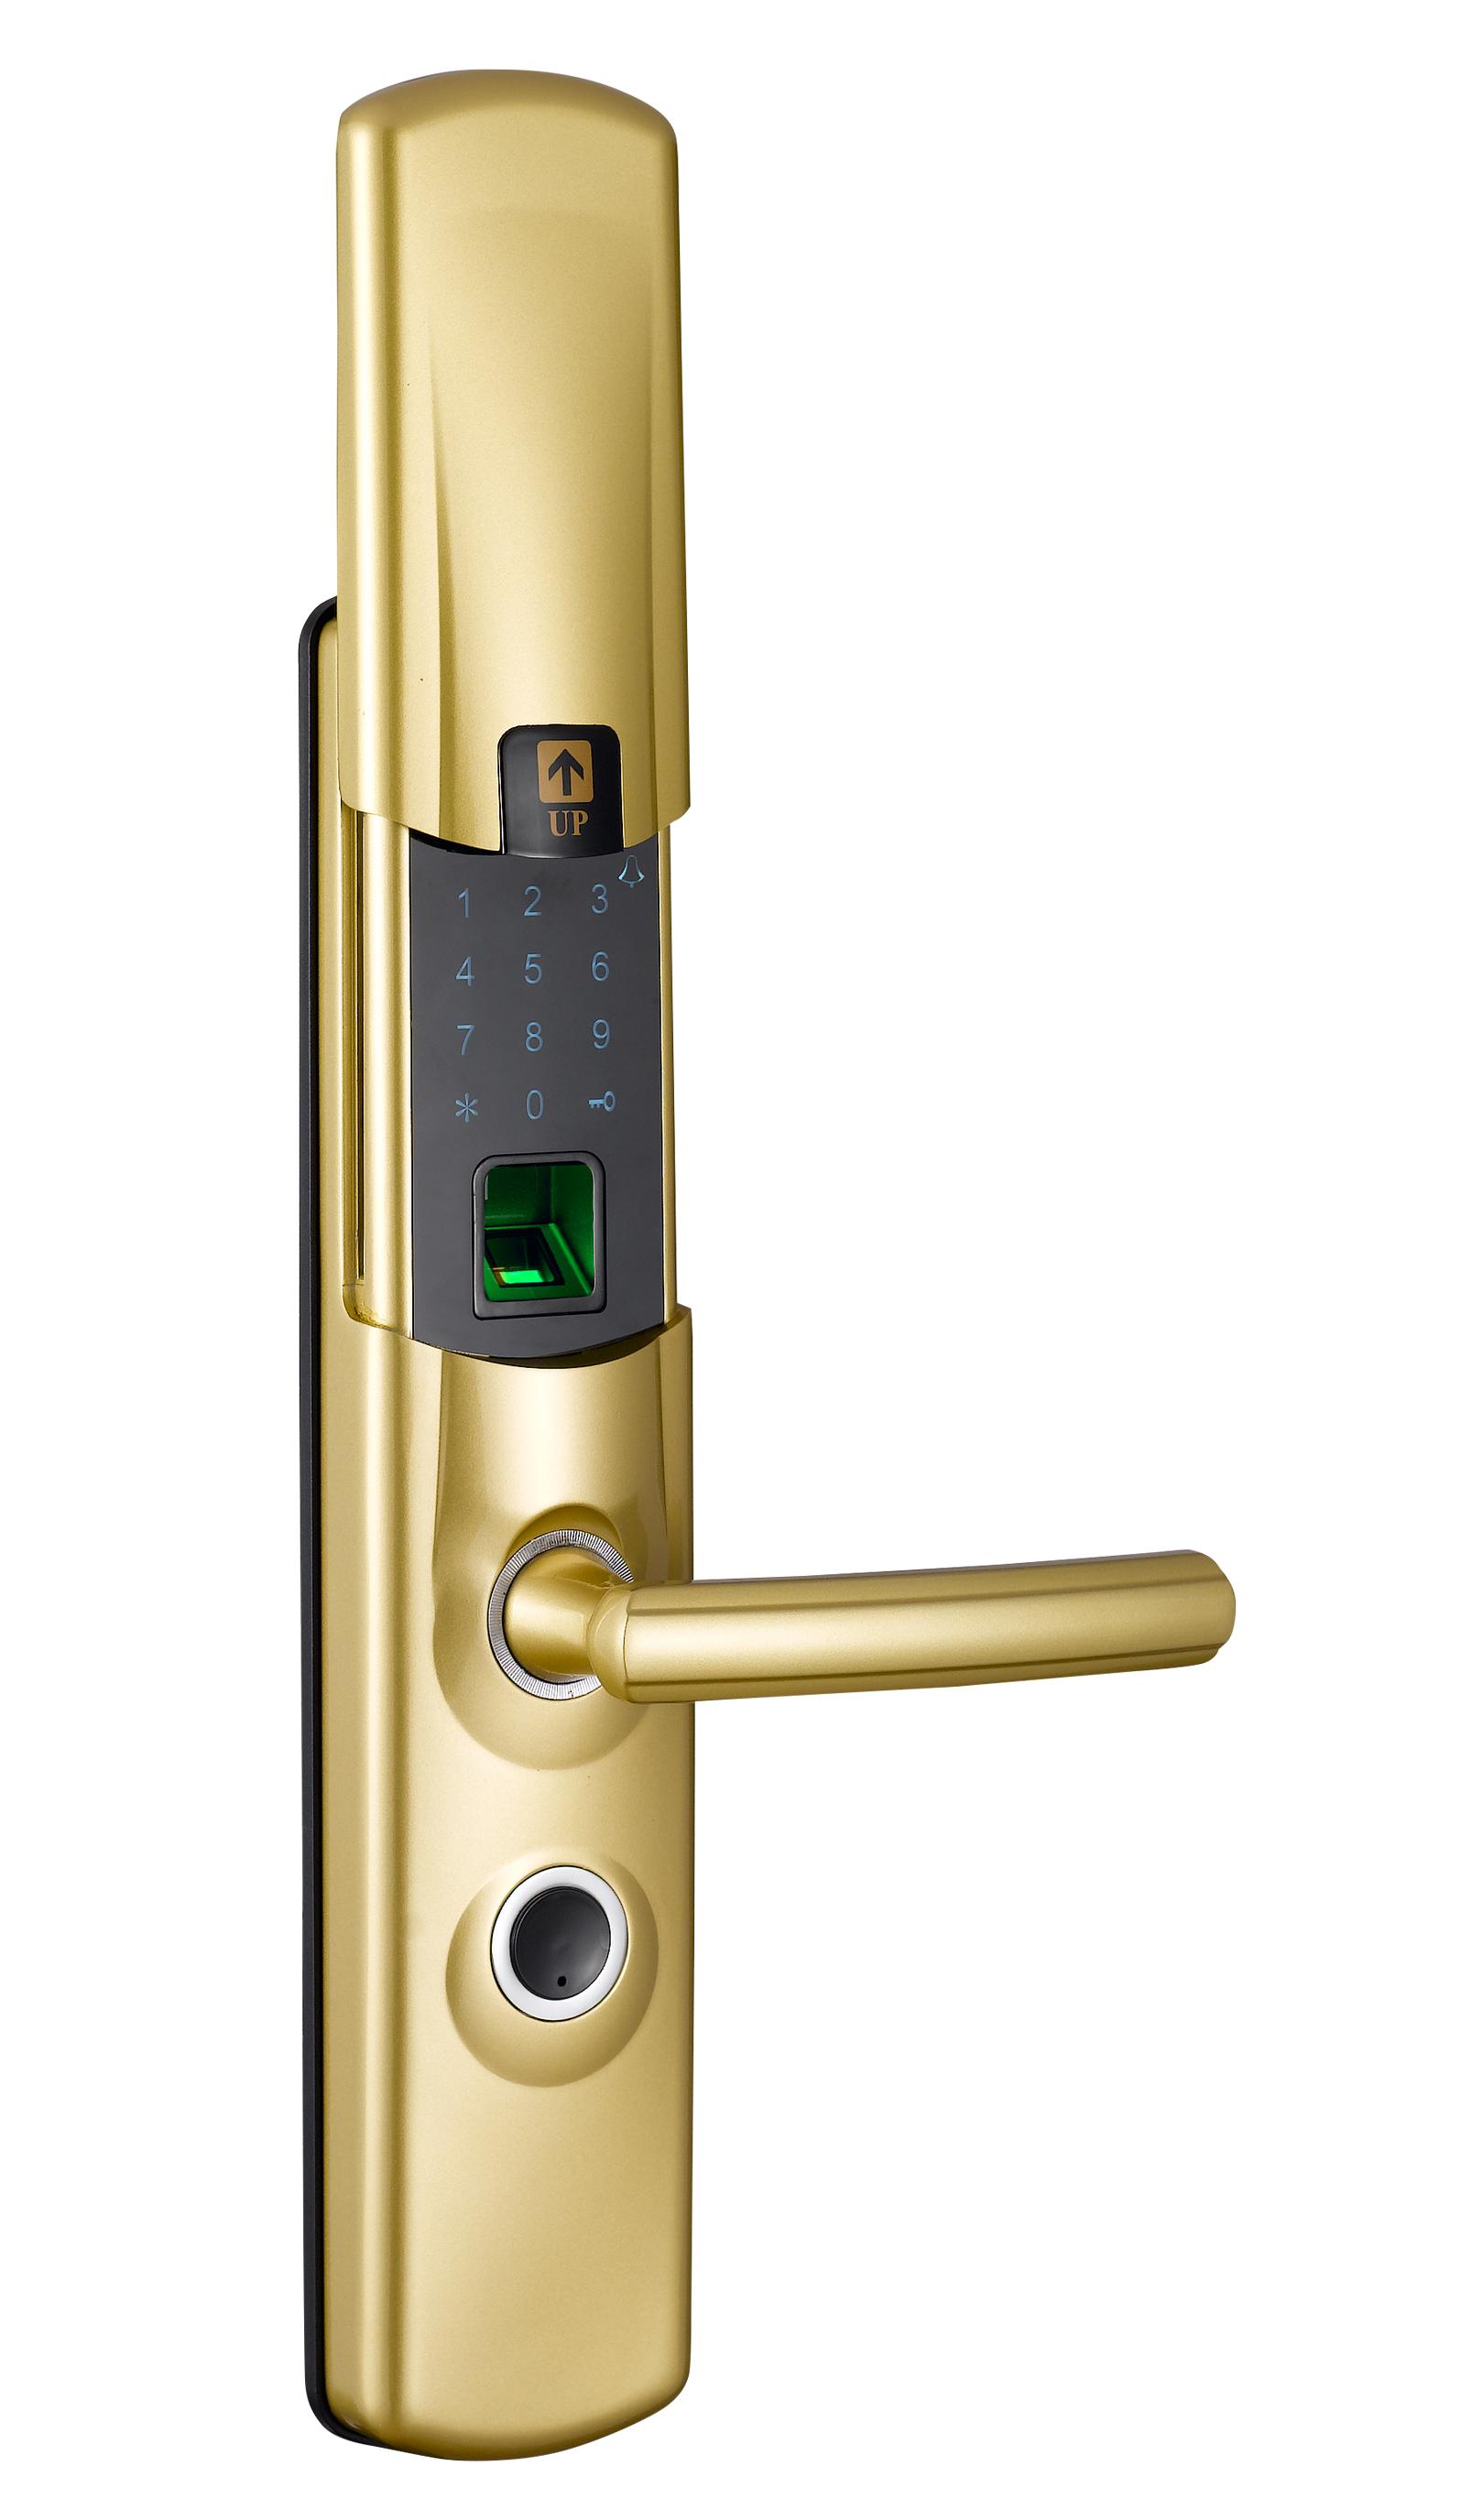 #F01 Zinc Alloy Flip cover fingerprint door lock  Four independent unlocking methods